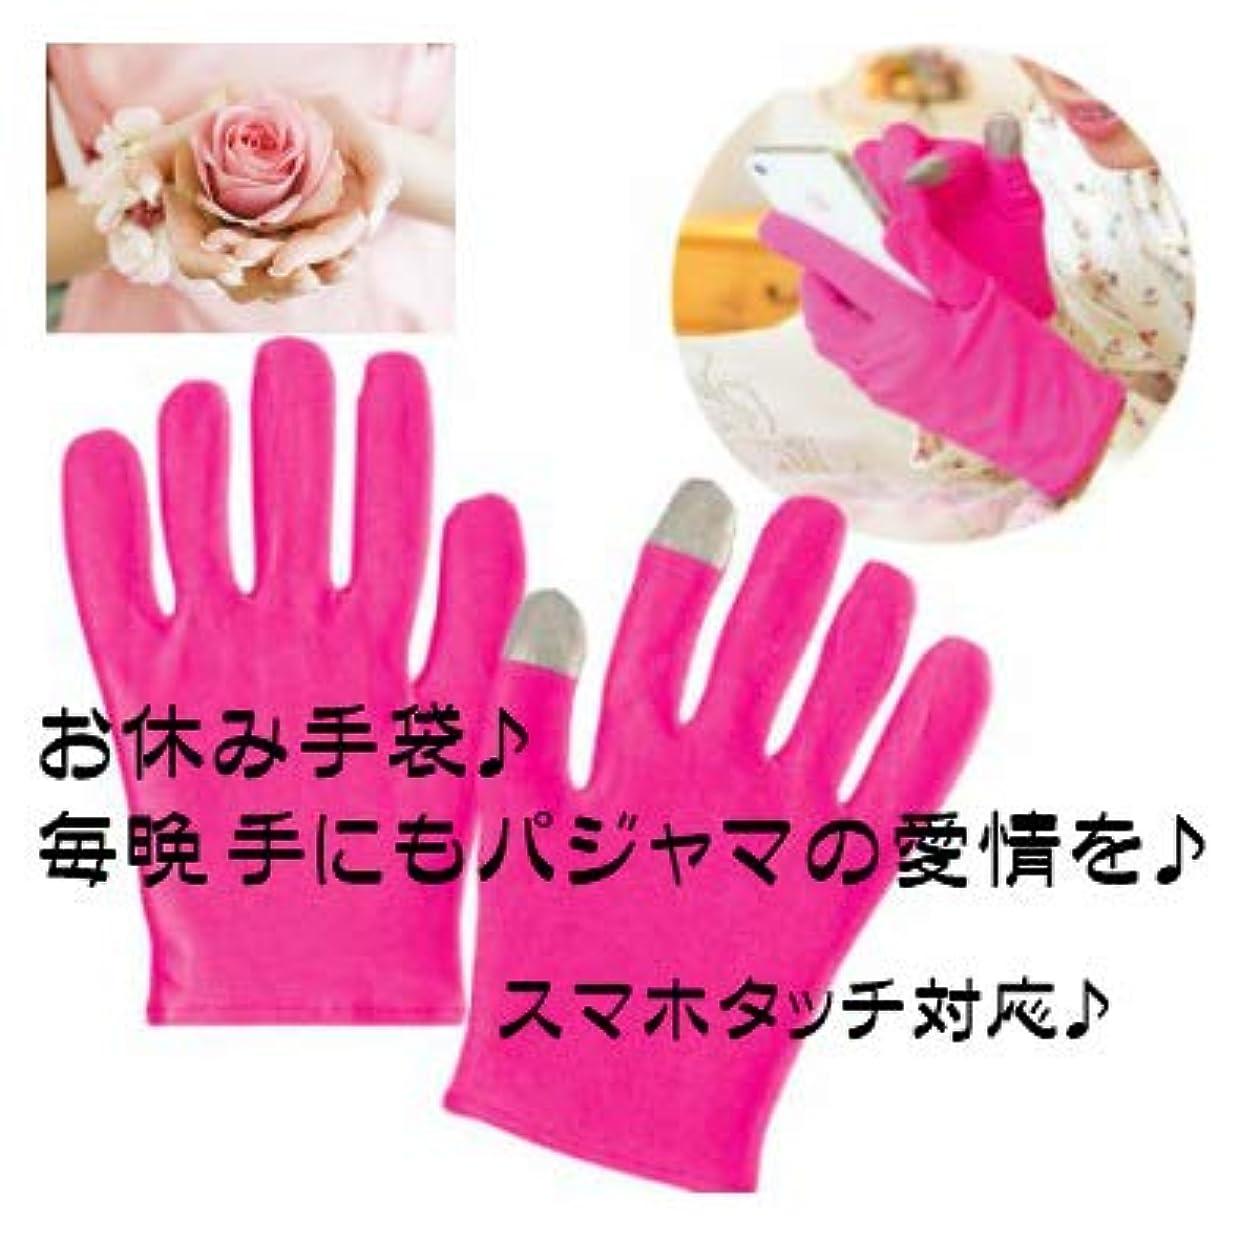 見る人であること確立●美容ハンドケア手袋 就寝手袋 スマホタッチ対応 おやすみ手袋保湿手袋ネイルケア